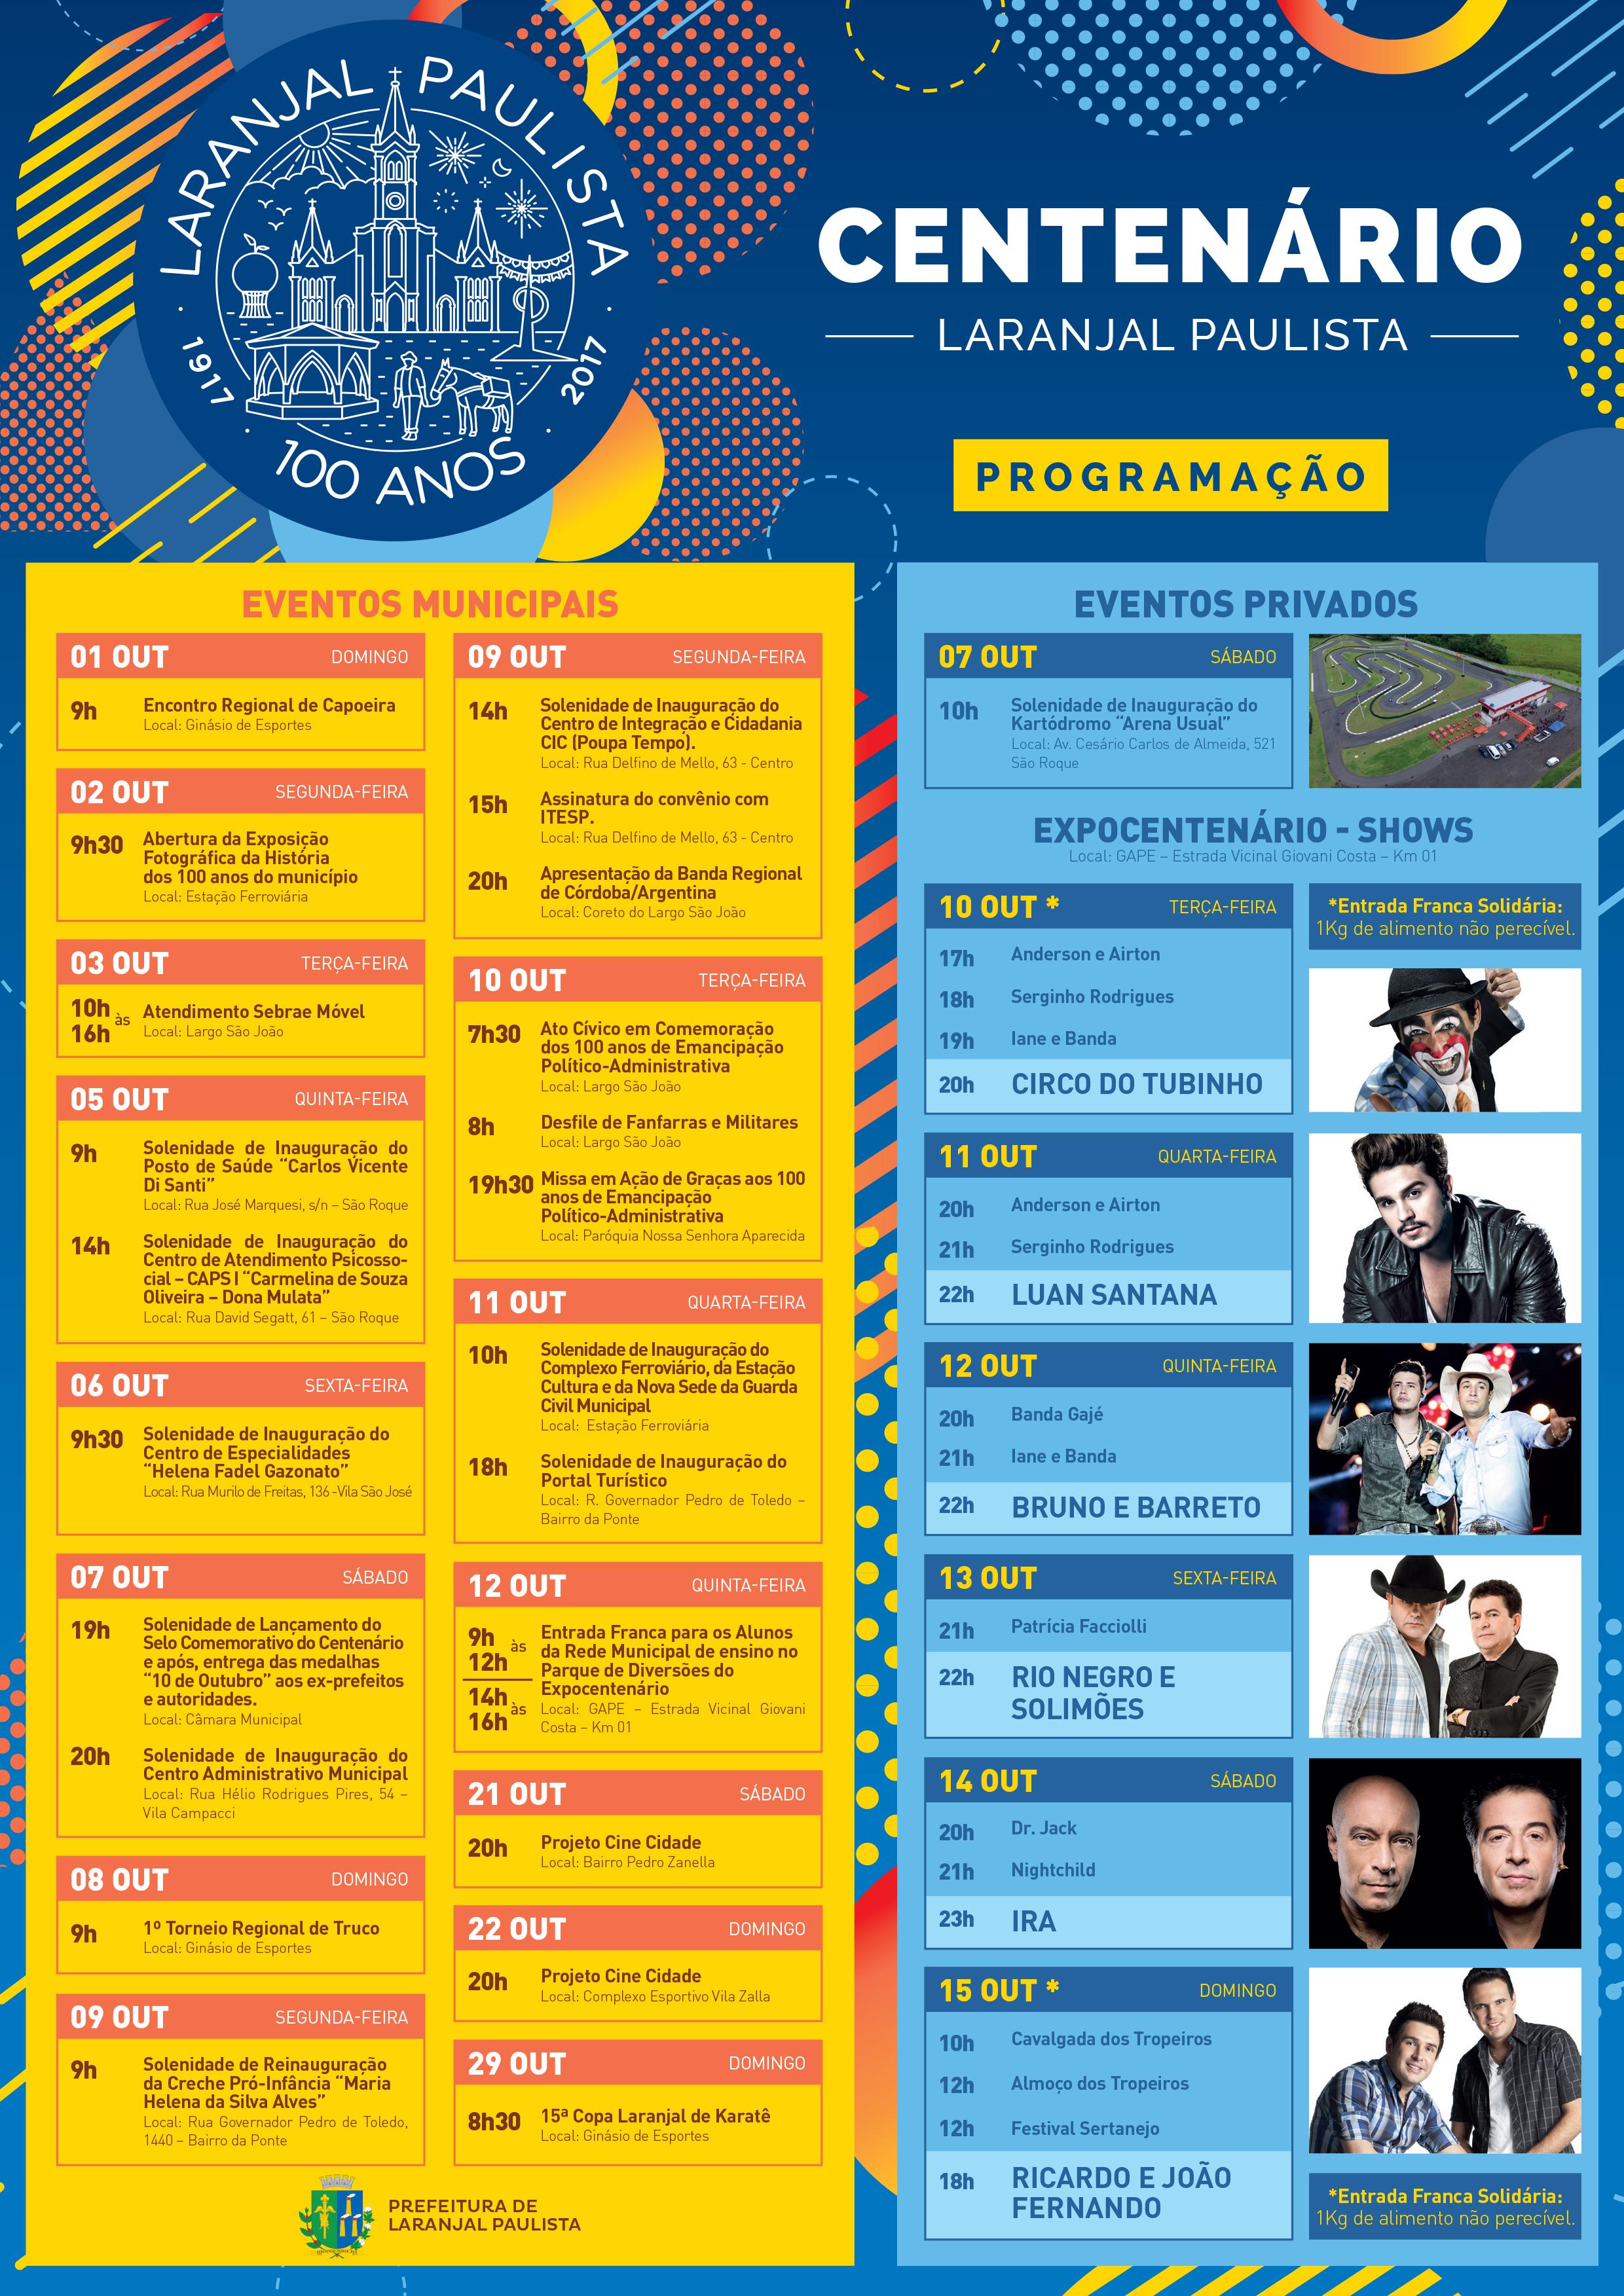 Programação de Shows e Eventos em comemoração ao Centenário de Laranjal Paulista